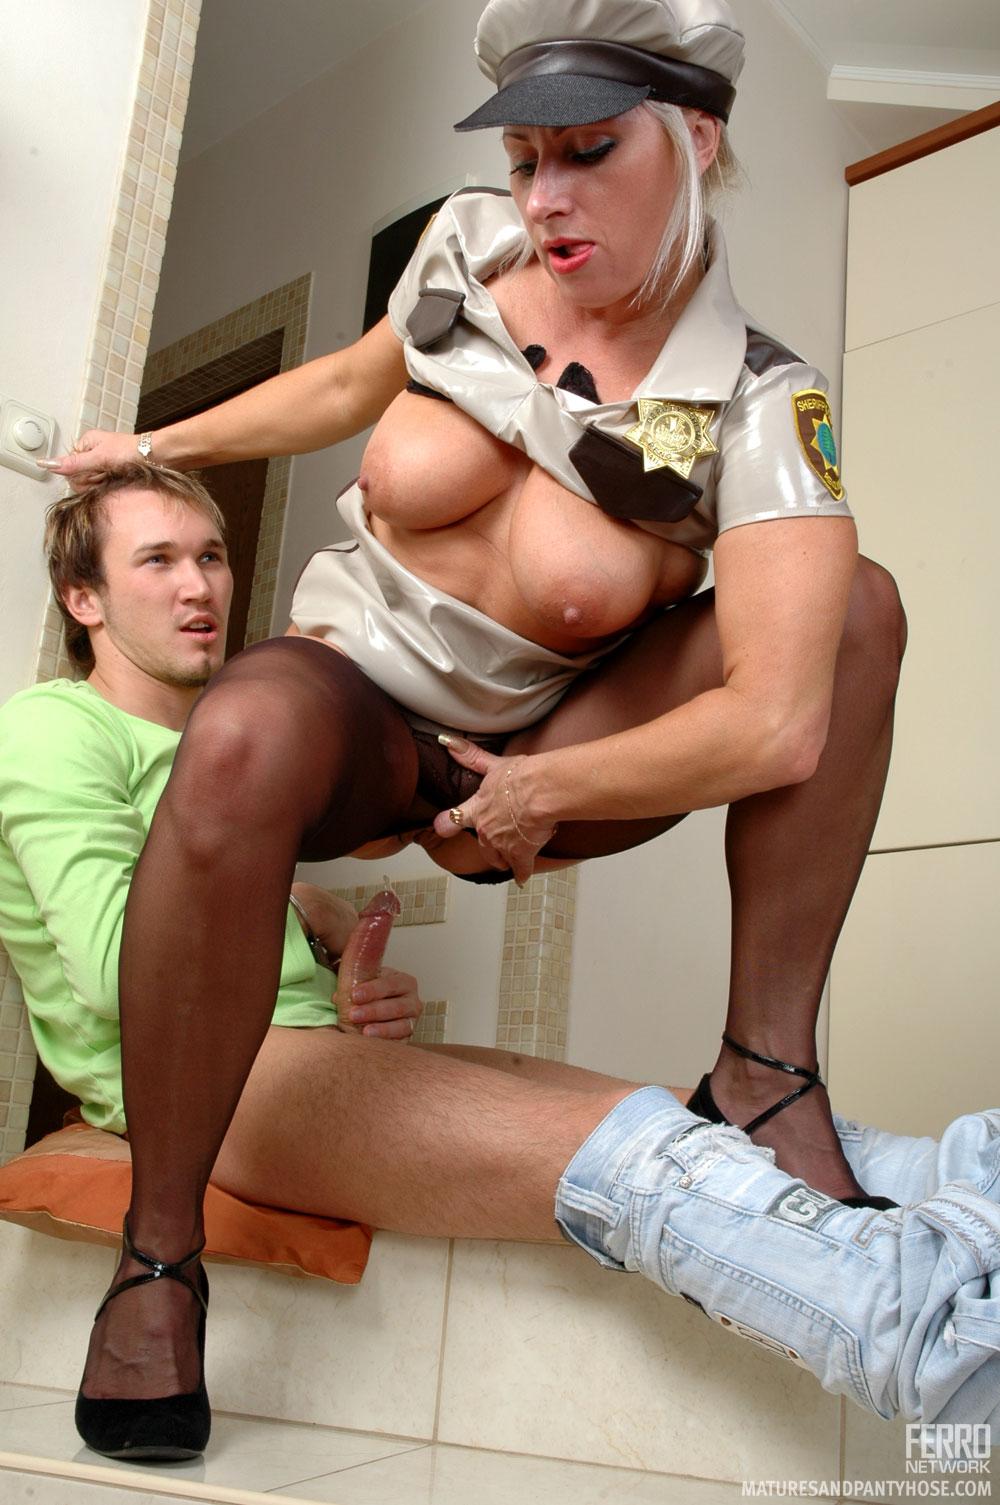 Трахнул женщину полицейского 13 фотография